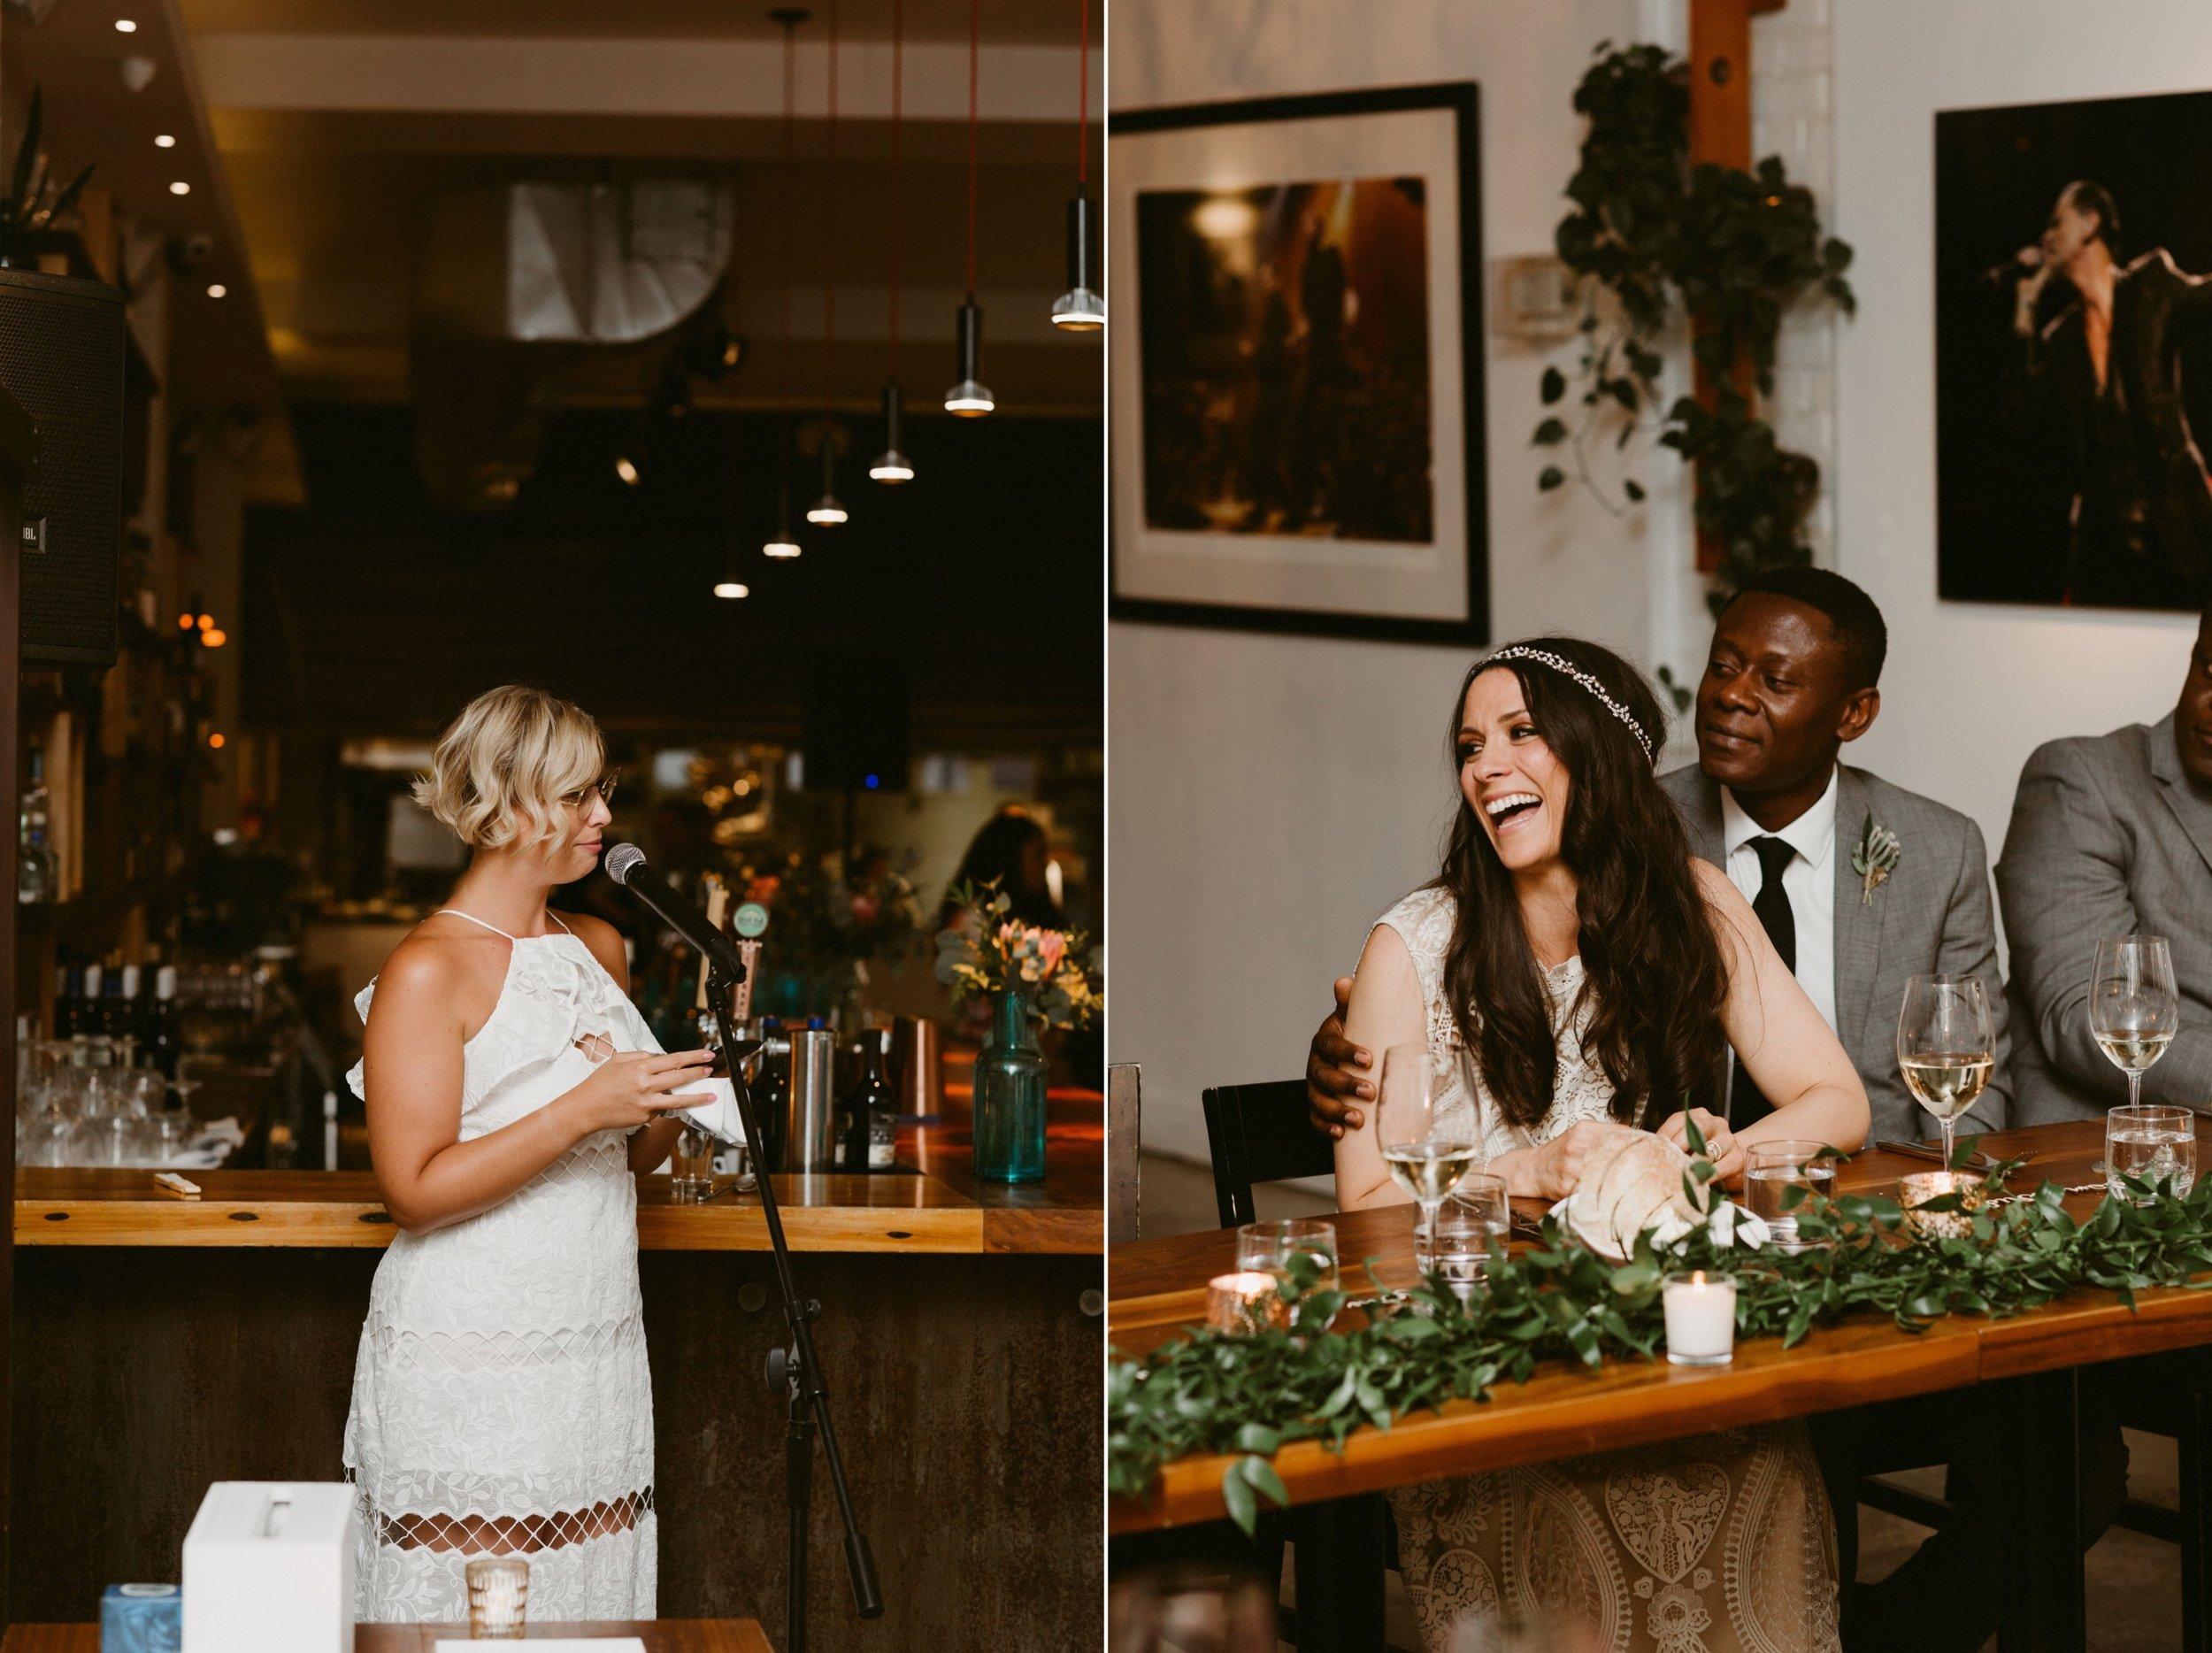 081_Spadina House Wedding (481 of 748)_Spadina House Wedding (480.3 of 748).jpg